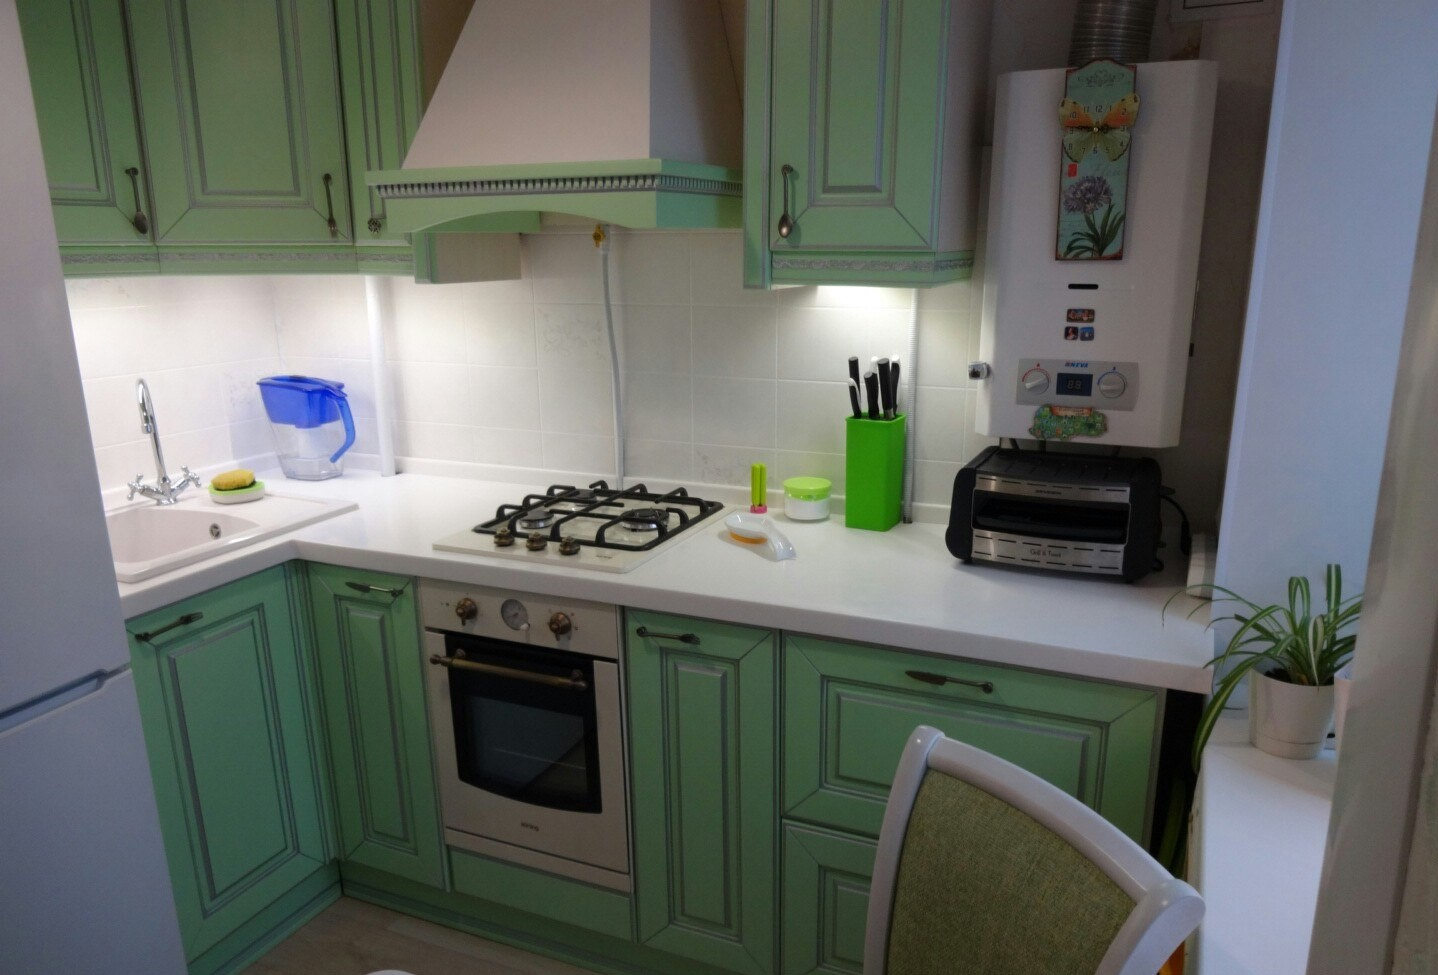 дизайн кухни в хрущёвке с газовой колонкой и холодильником фото 1